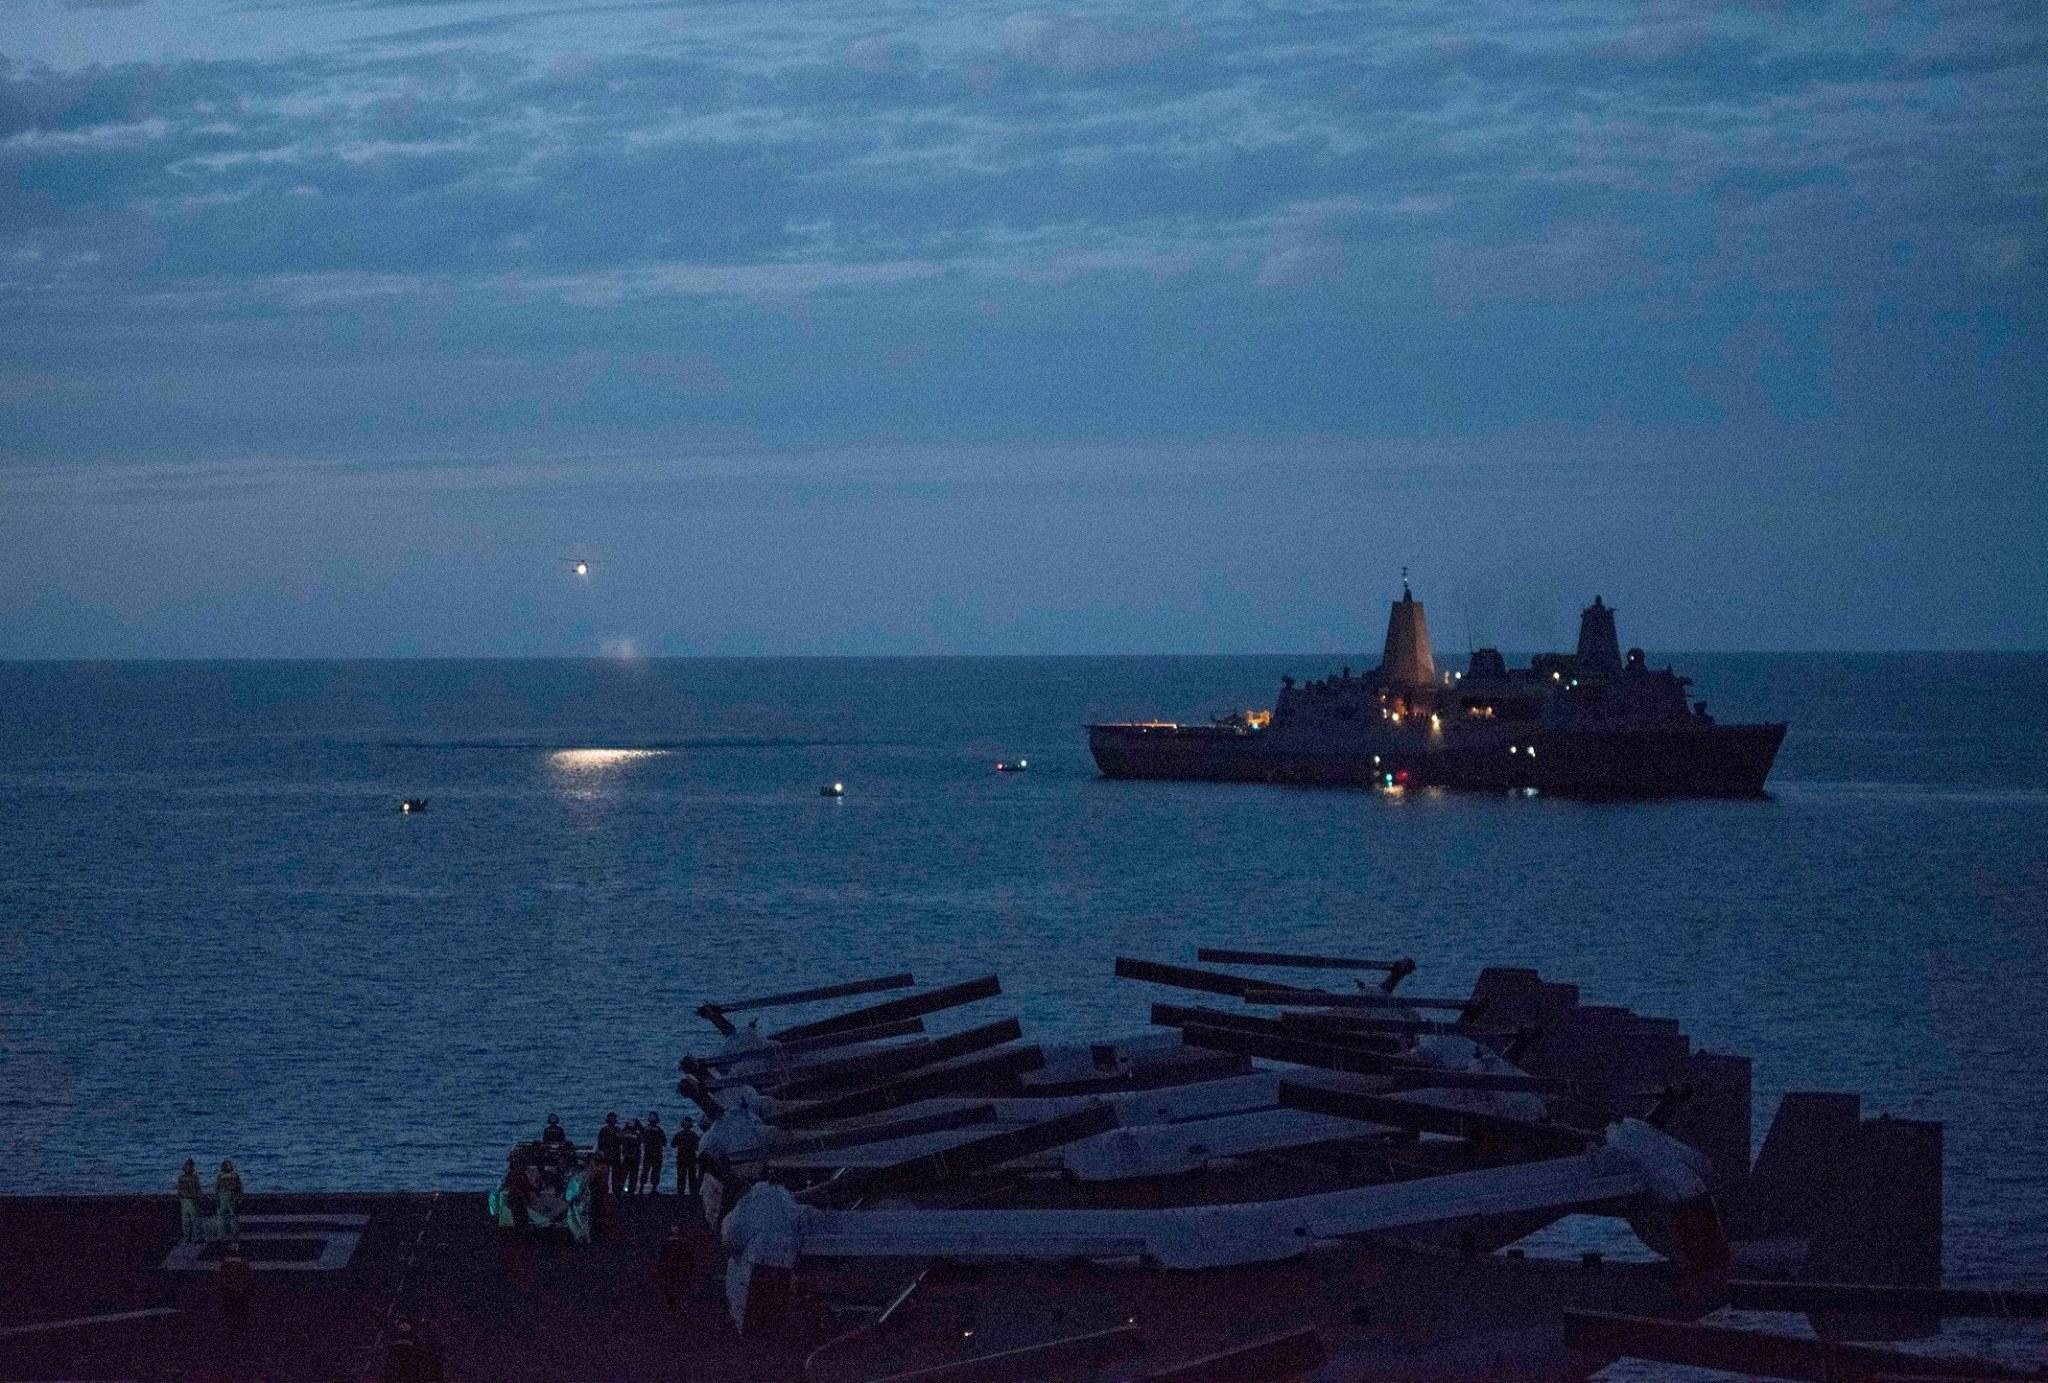 EUA: Pelo menos 10 marinheiros desaparecidos e cinco feridos